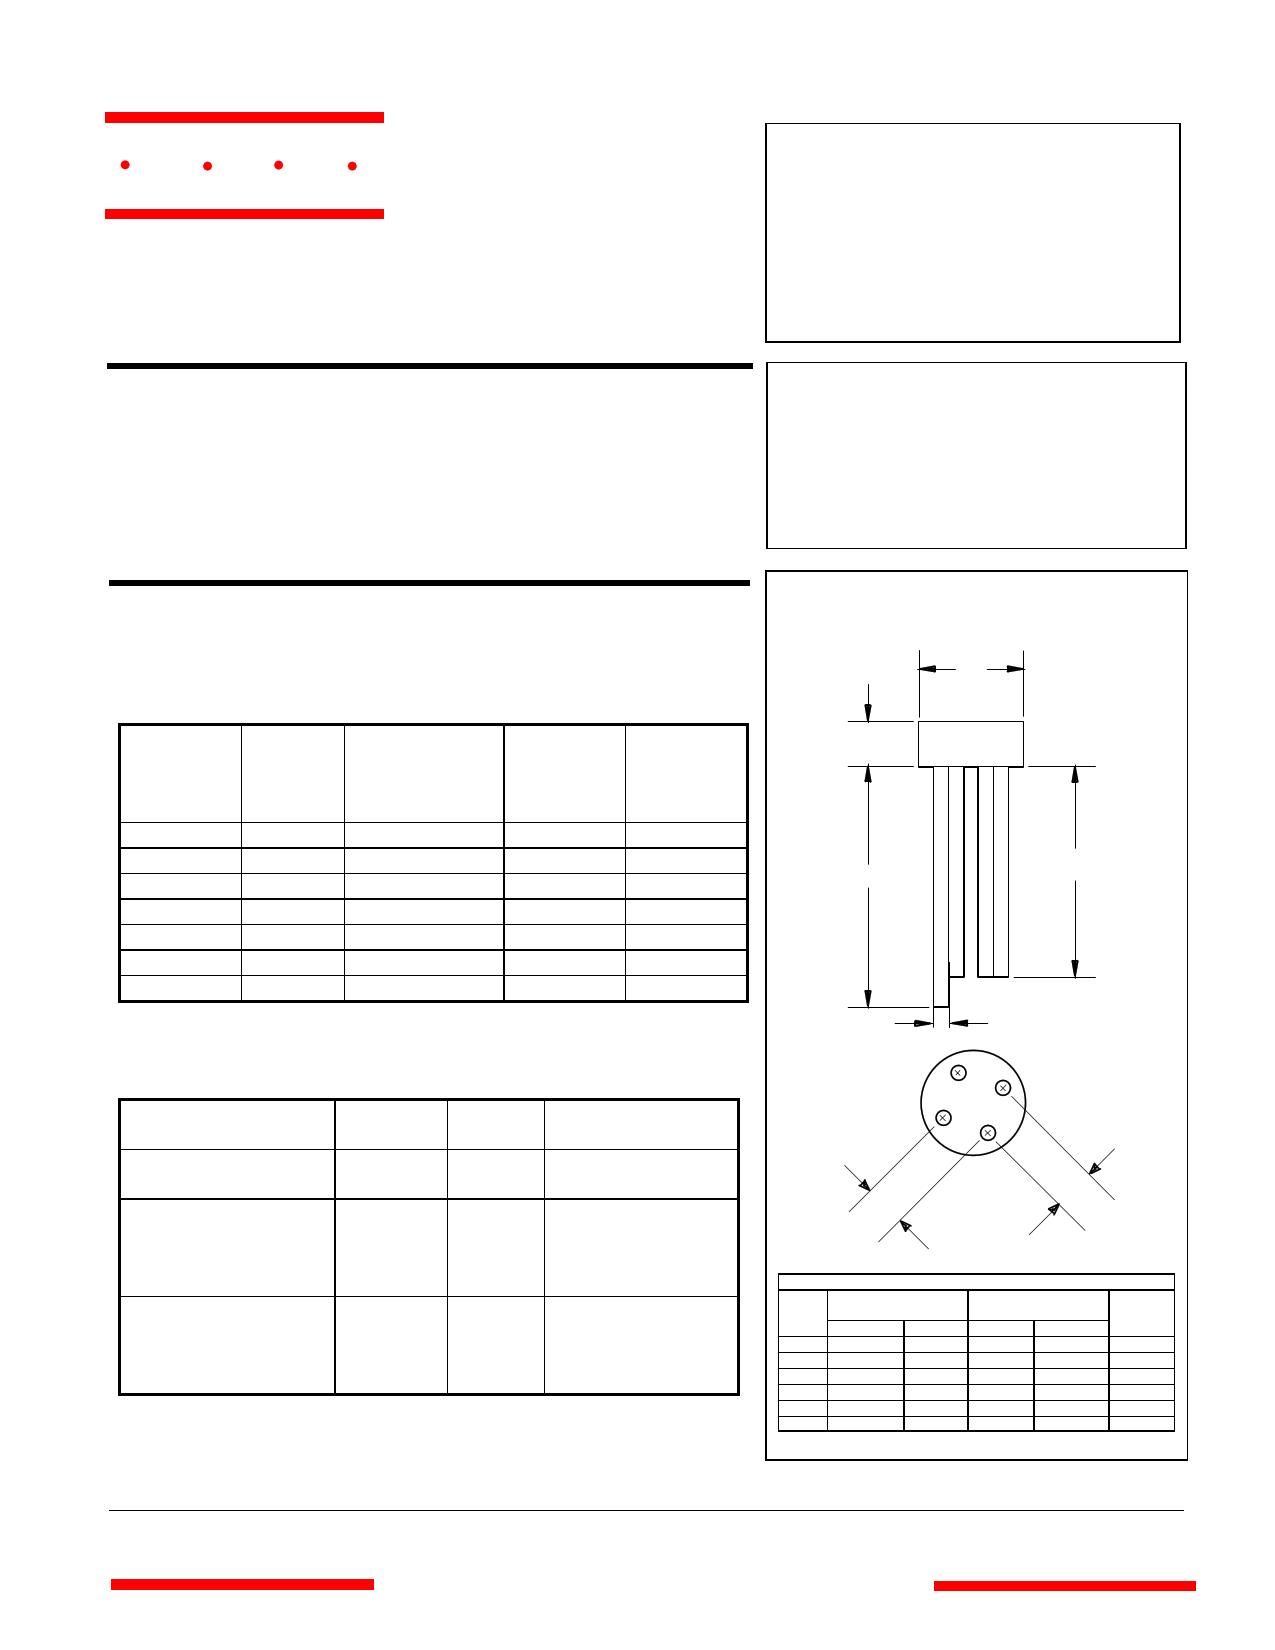 W01M datasheet